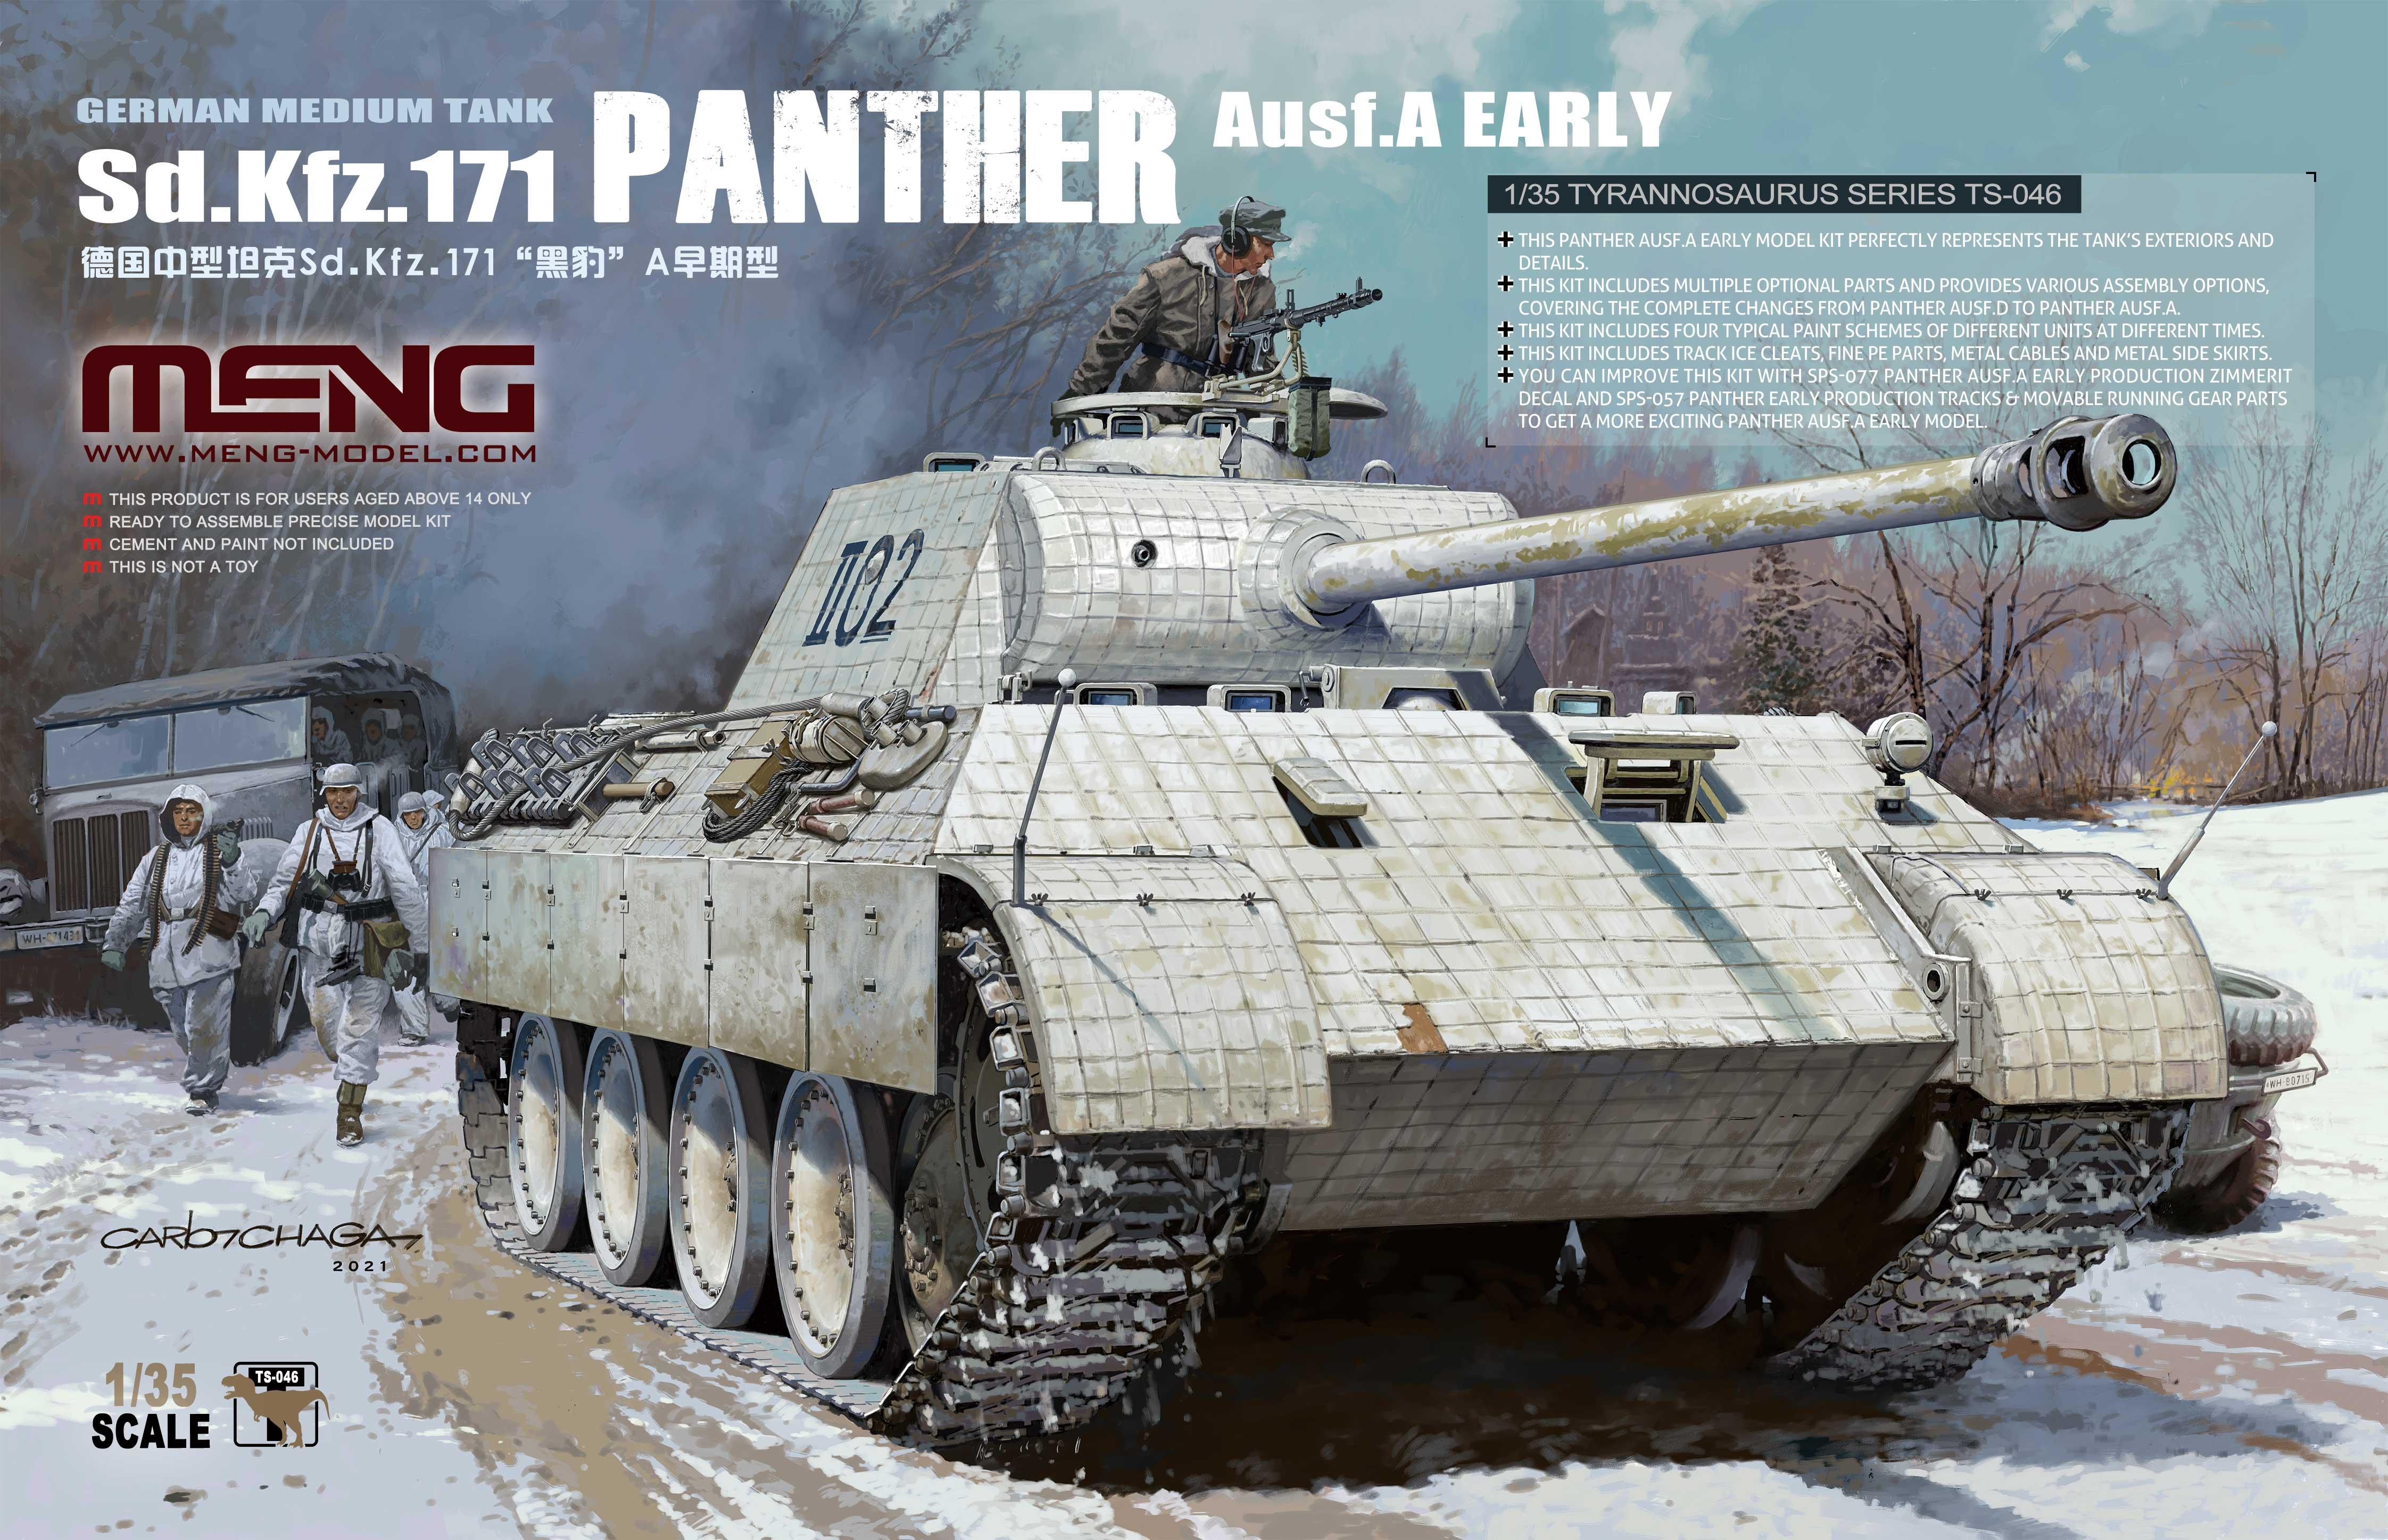 Meng 1/35 Sd.Kfz.171 Panther Ausf.A Early, German Medium Tank